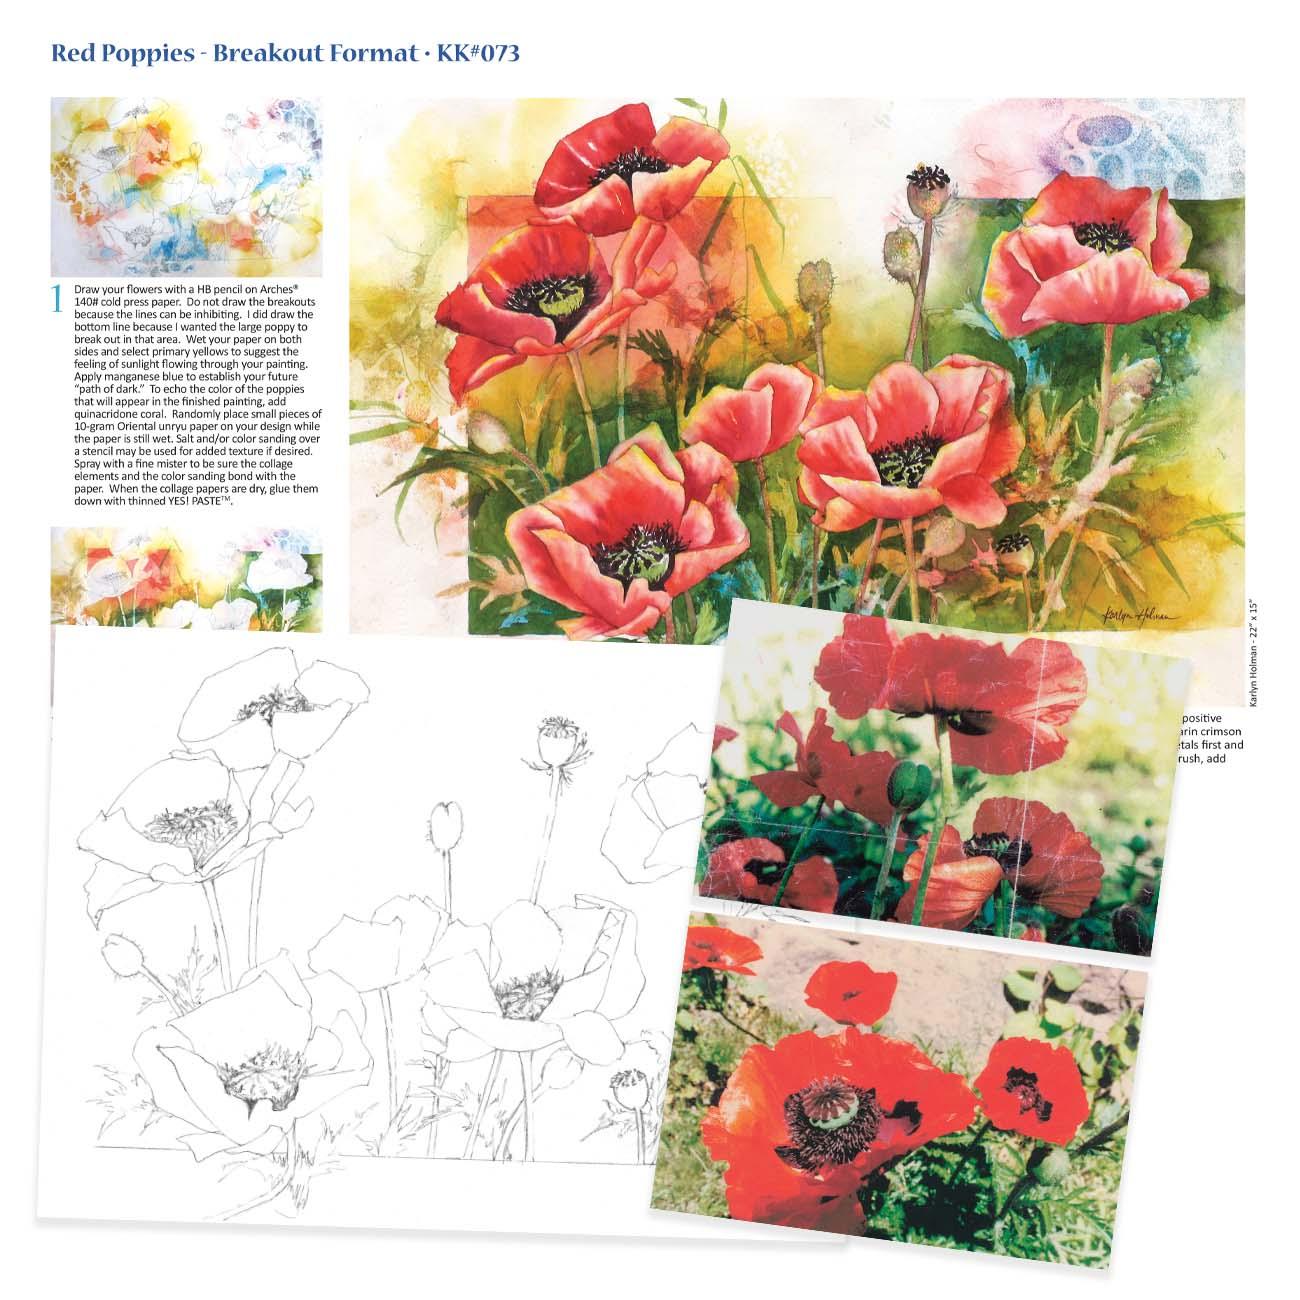 KK073 - Red Poppies, Breakout Format